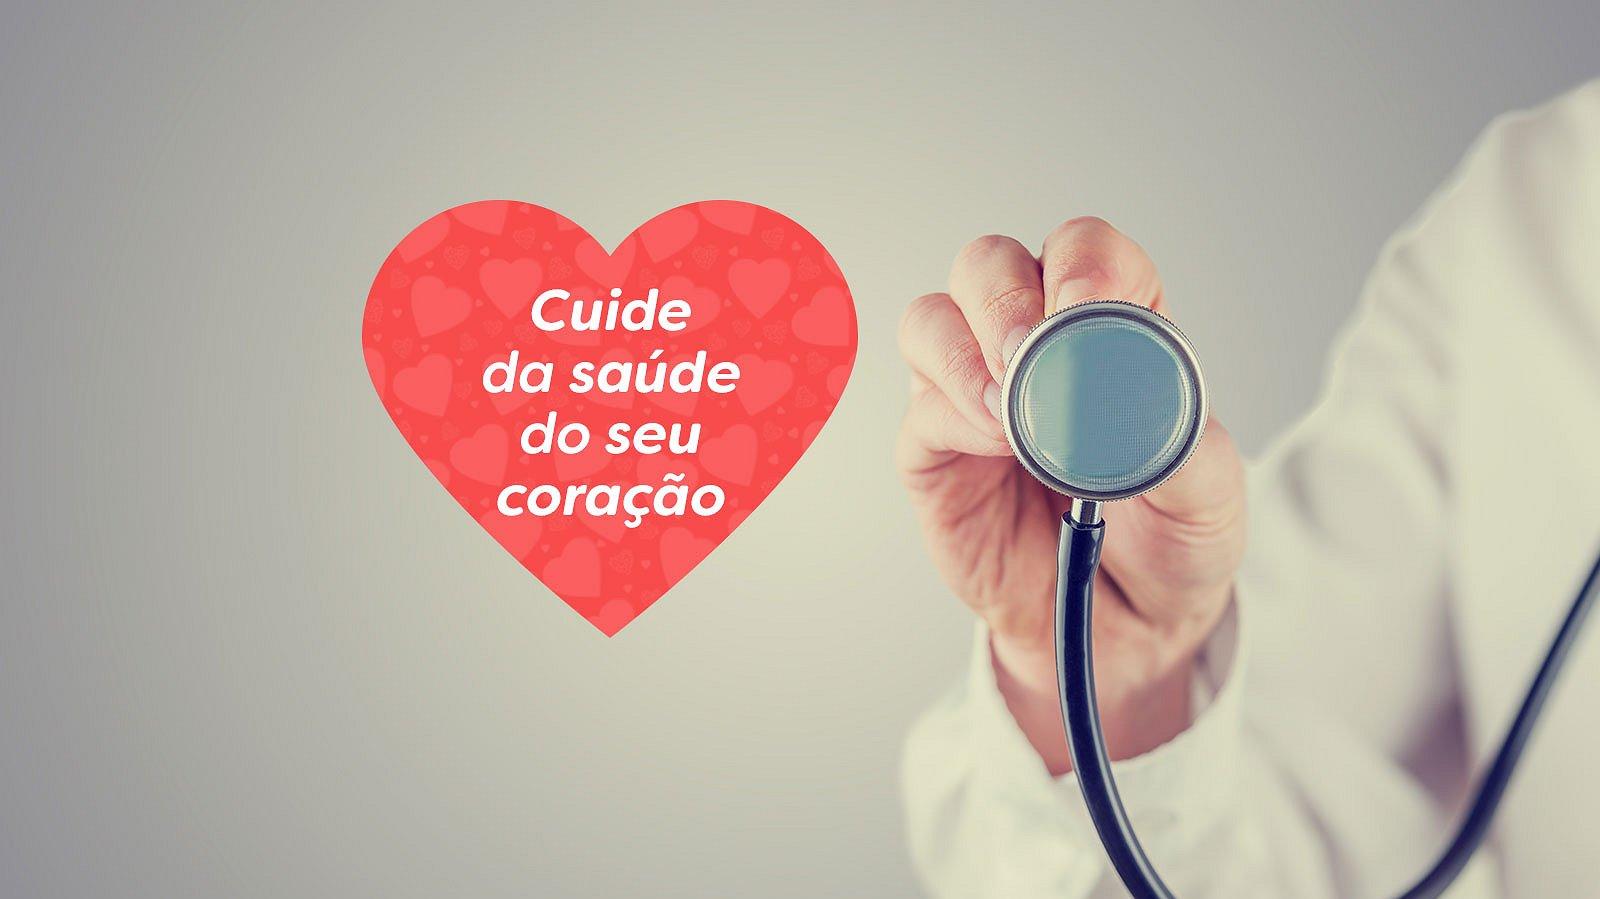 Cuide da saúde do seu coração